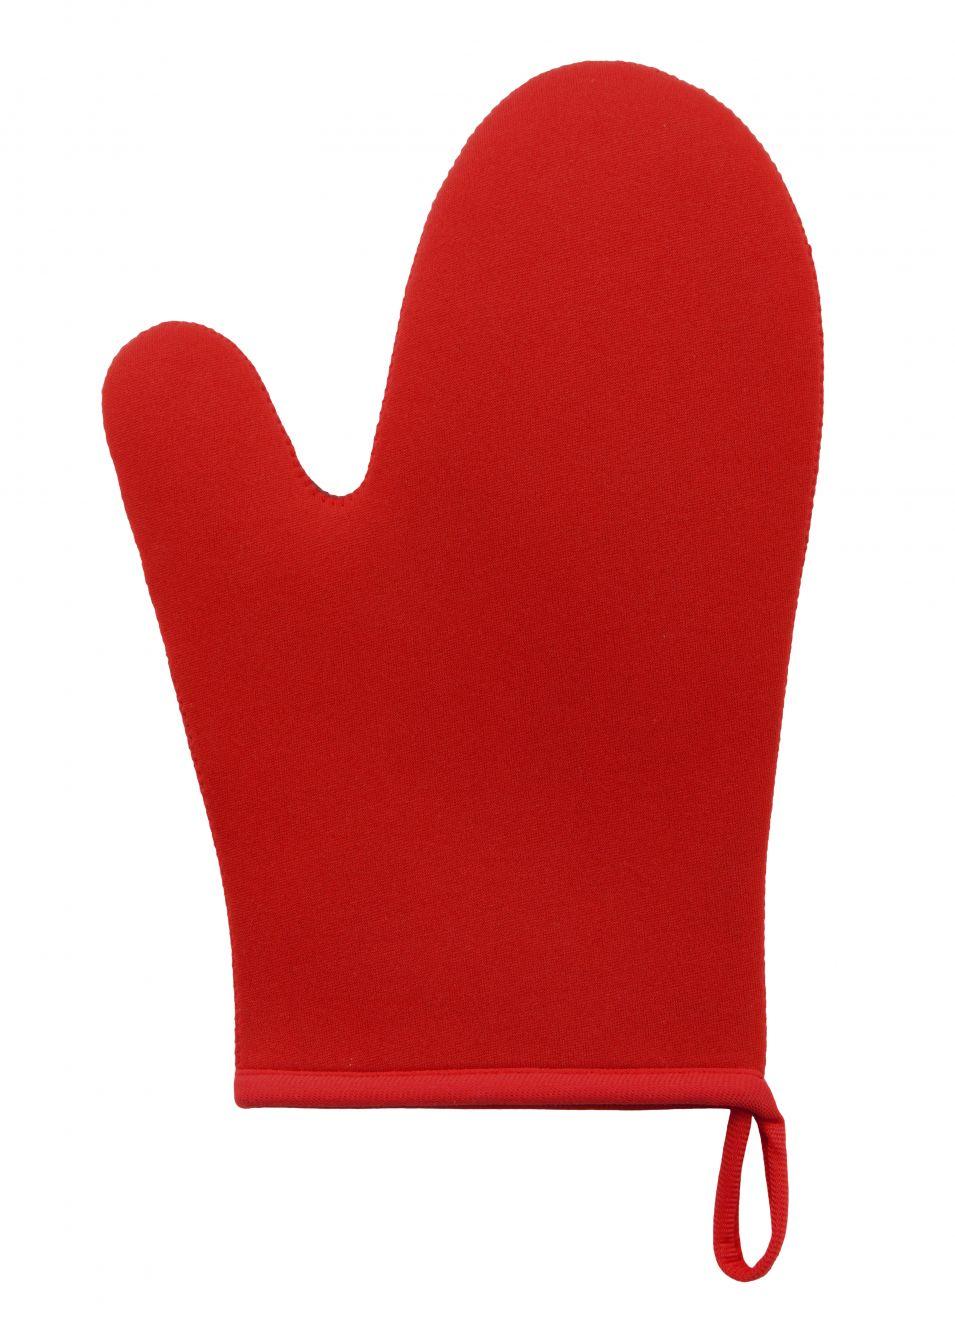 Paños y manoplas tosha de poliéster con logo imagen 1